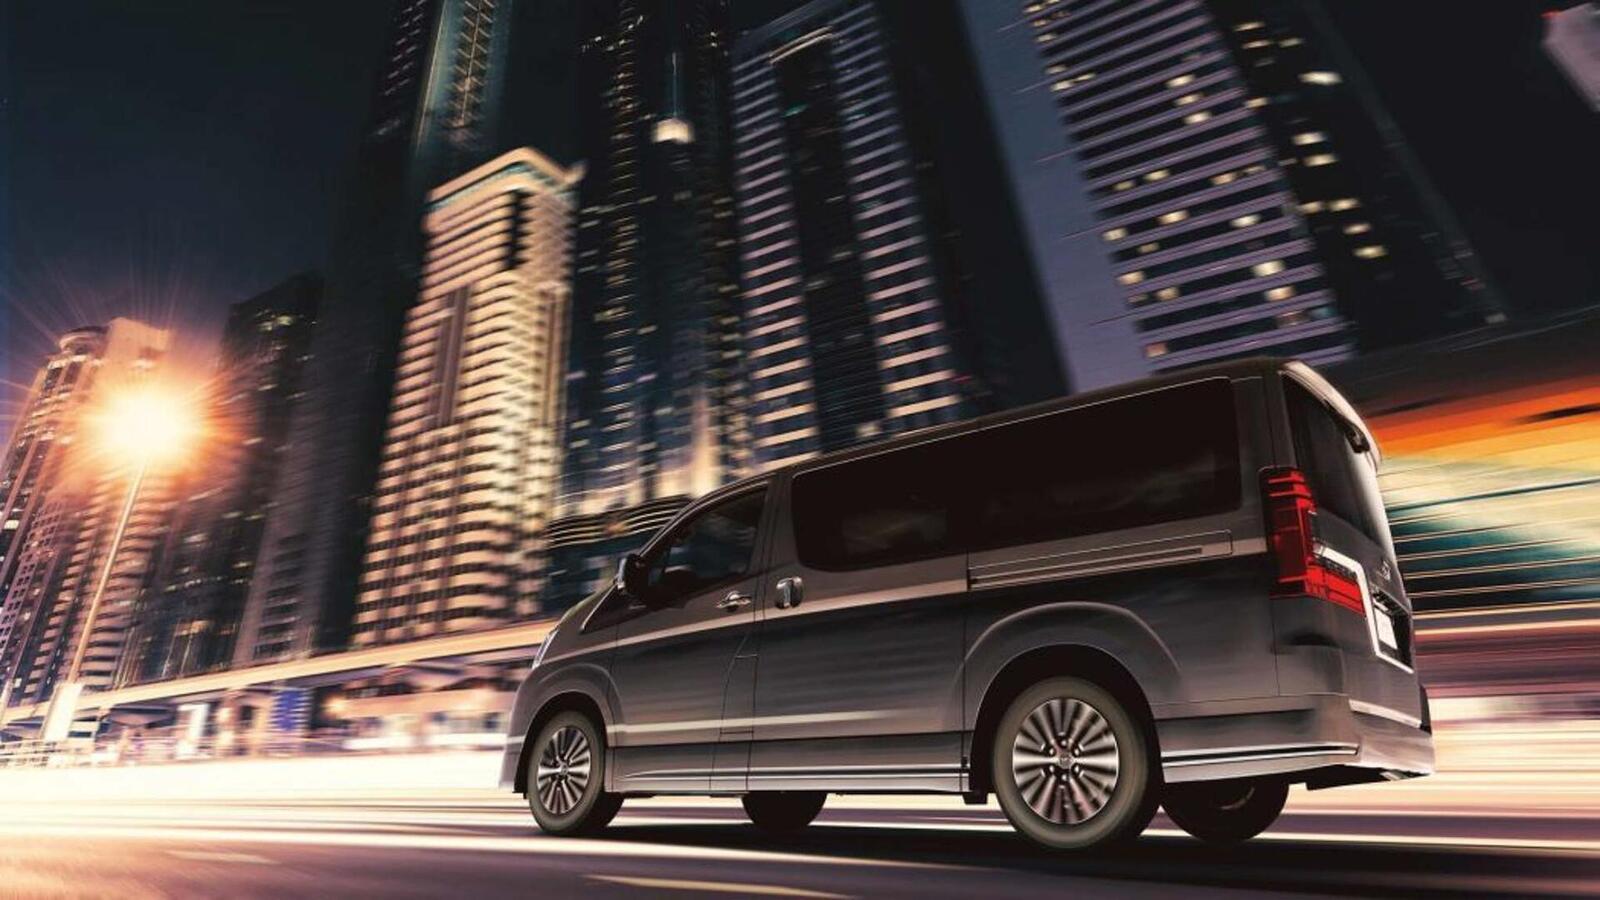 Xem trước MPV Toyota Granvia sắp được ra mắt: Định vị dưới Alphard một bậc - Hình 2